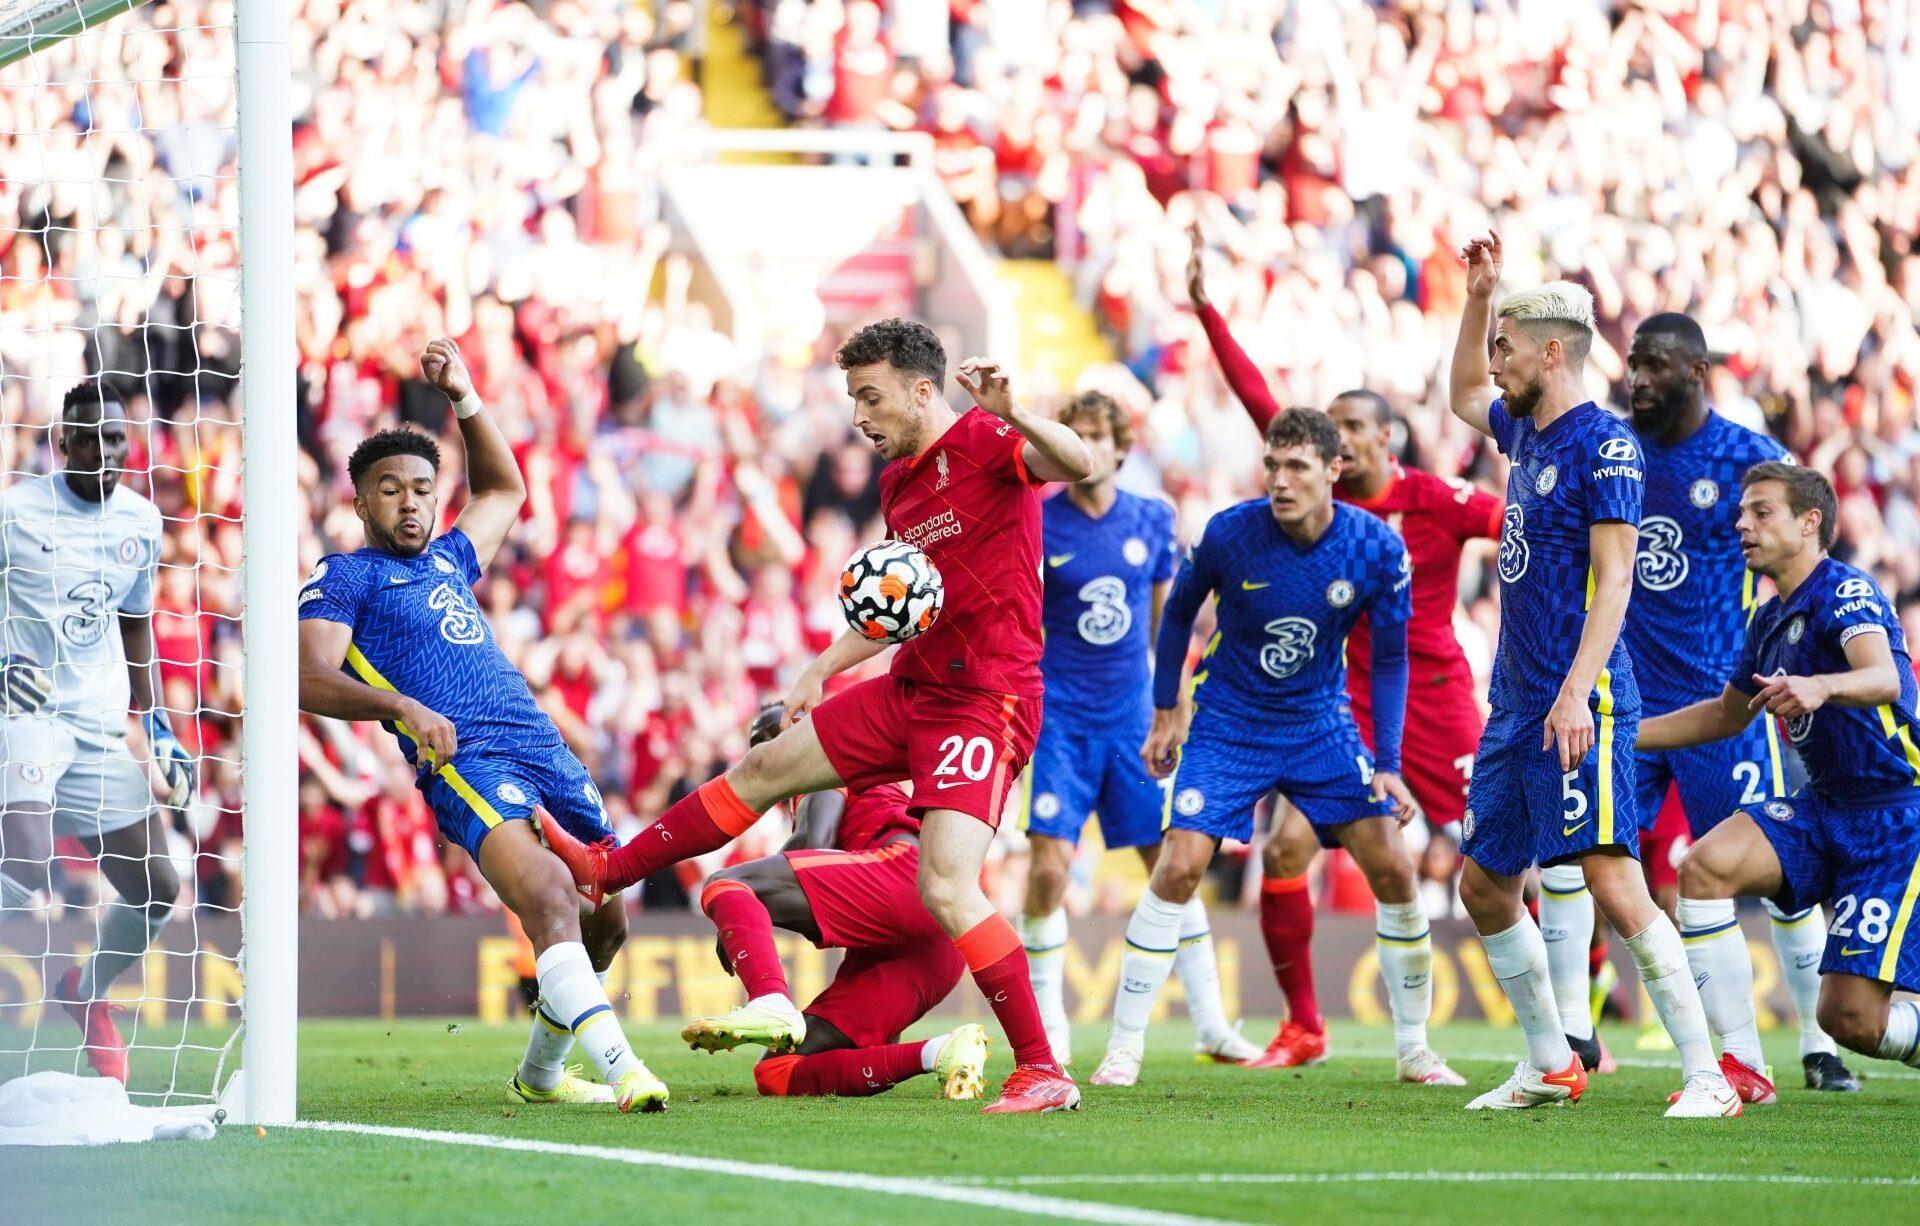 Reece James s'apprête à repousser du bras la tentative de Diogo Jota sur la ligne de but de Chelsea. Le jeune Anglais va ensuite être exclu et Mohamed Salah va transformer le penalty pour égaliser. Icon Sport